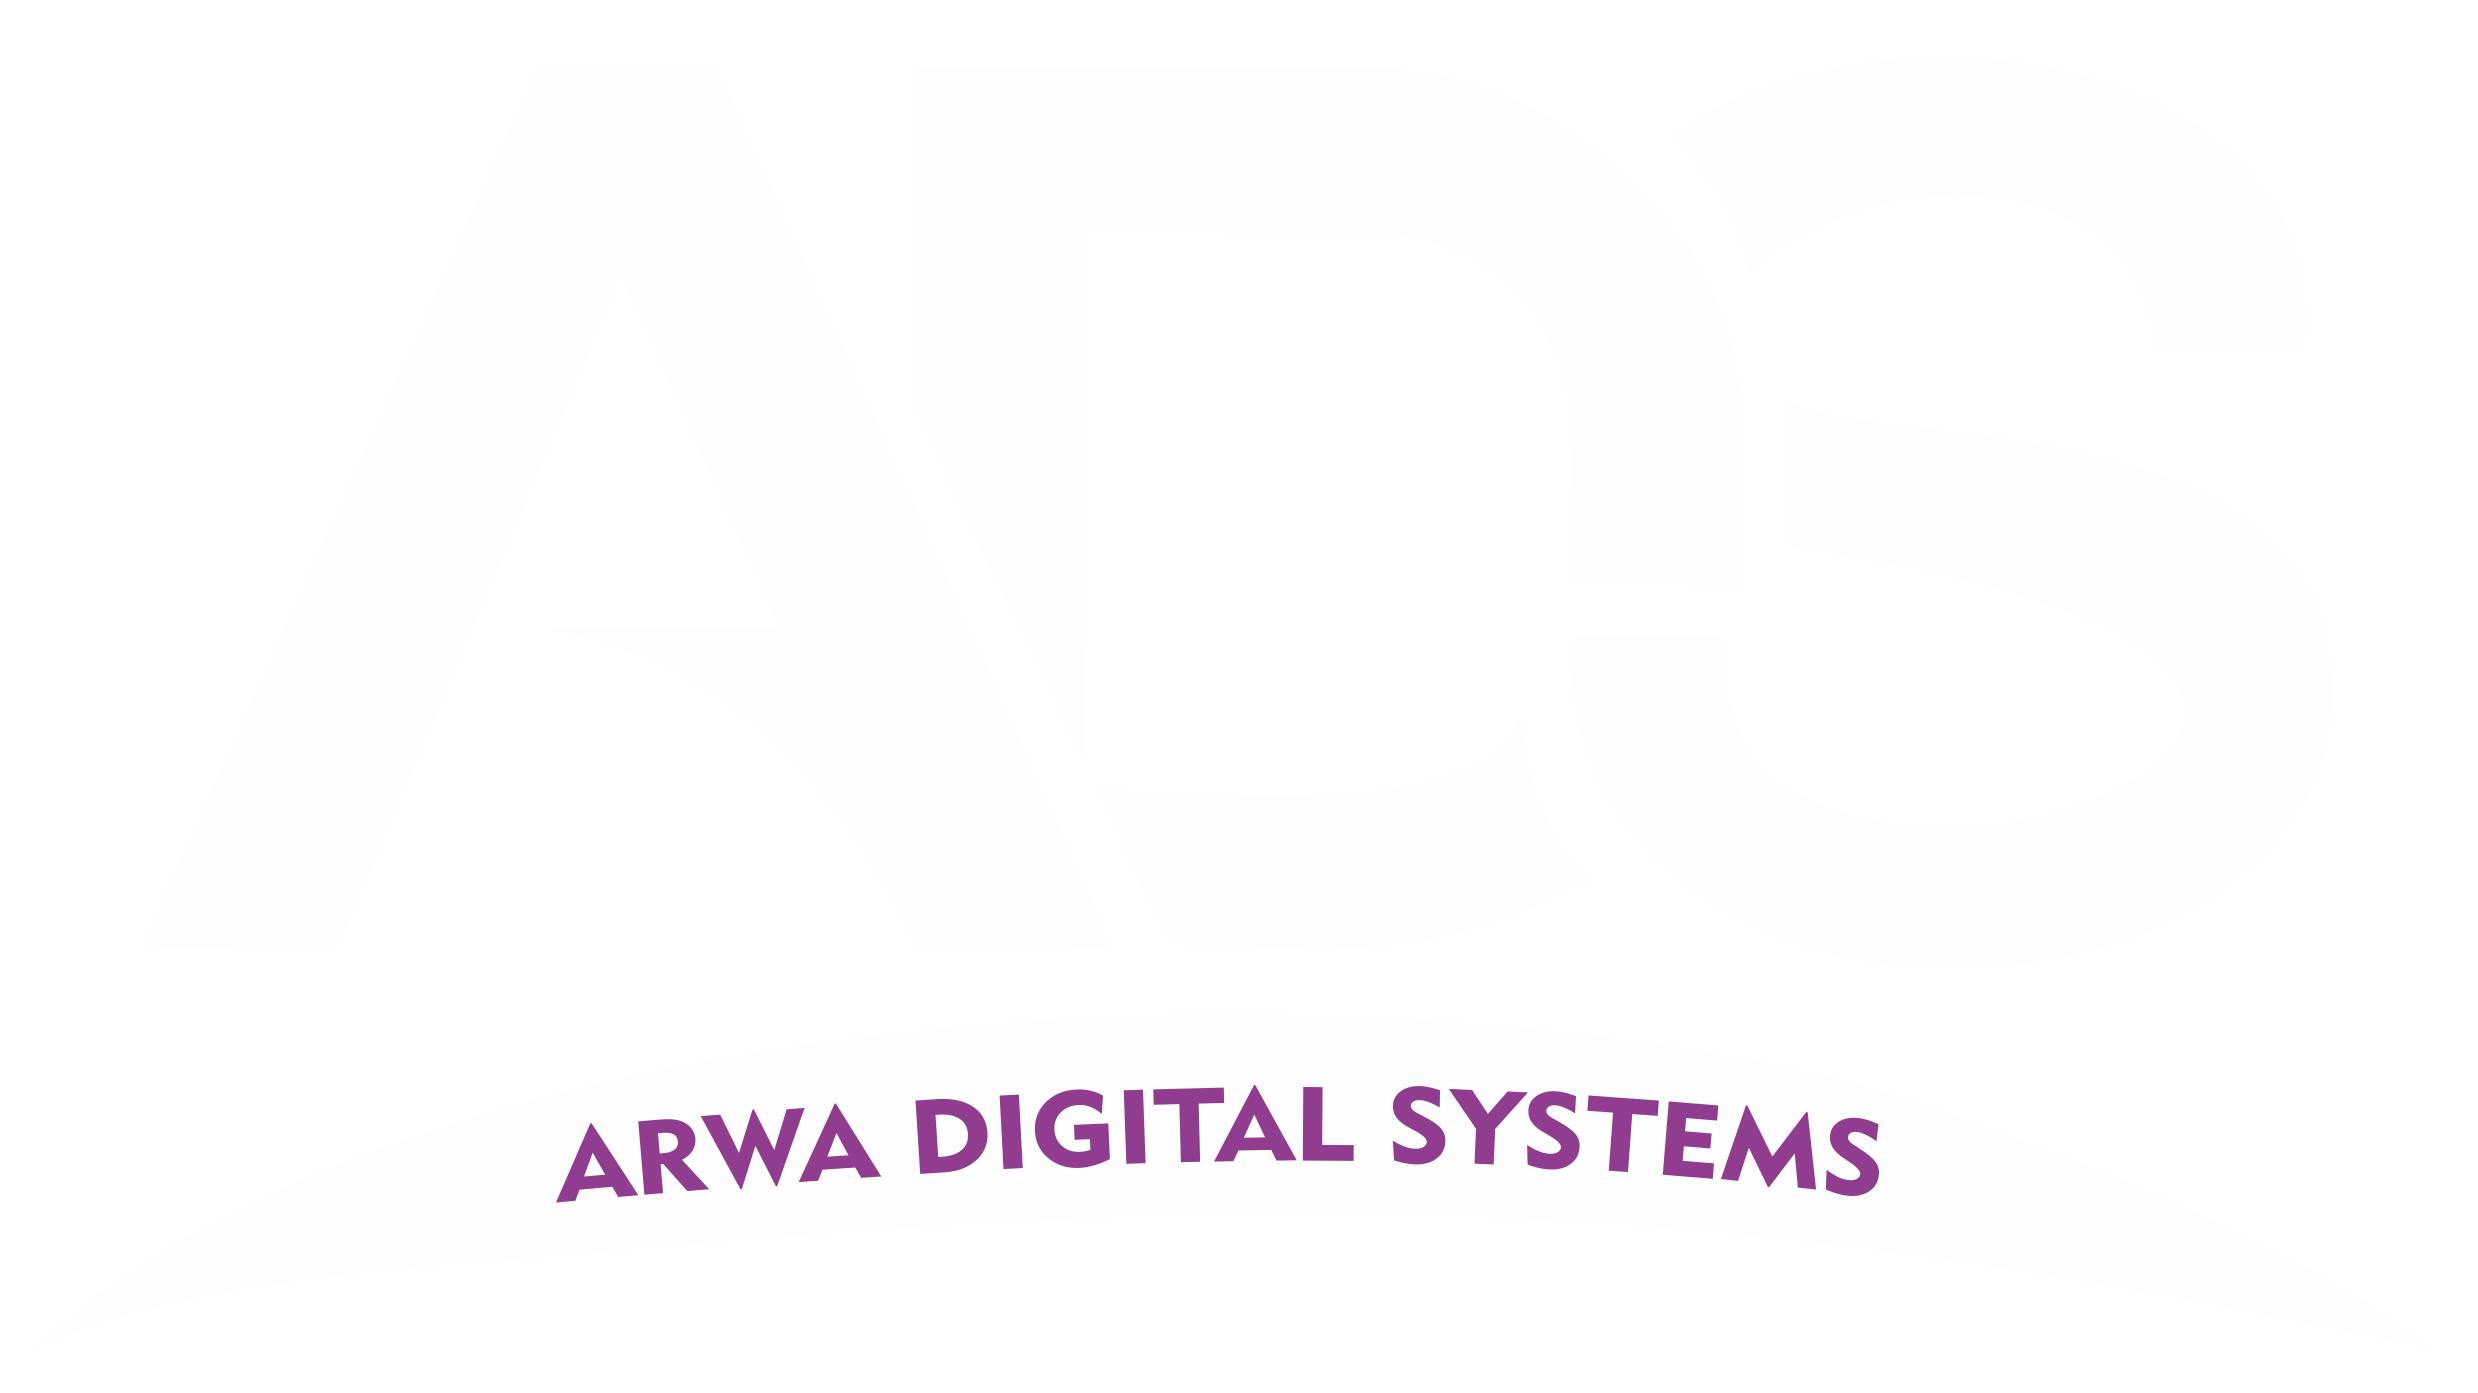 Arwa Digital Systems